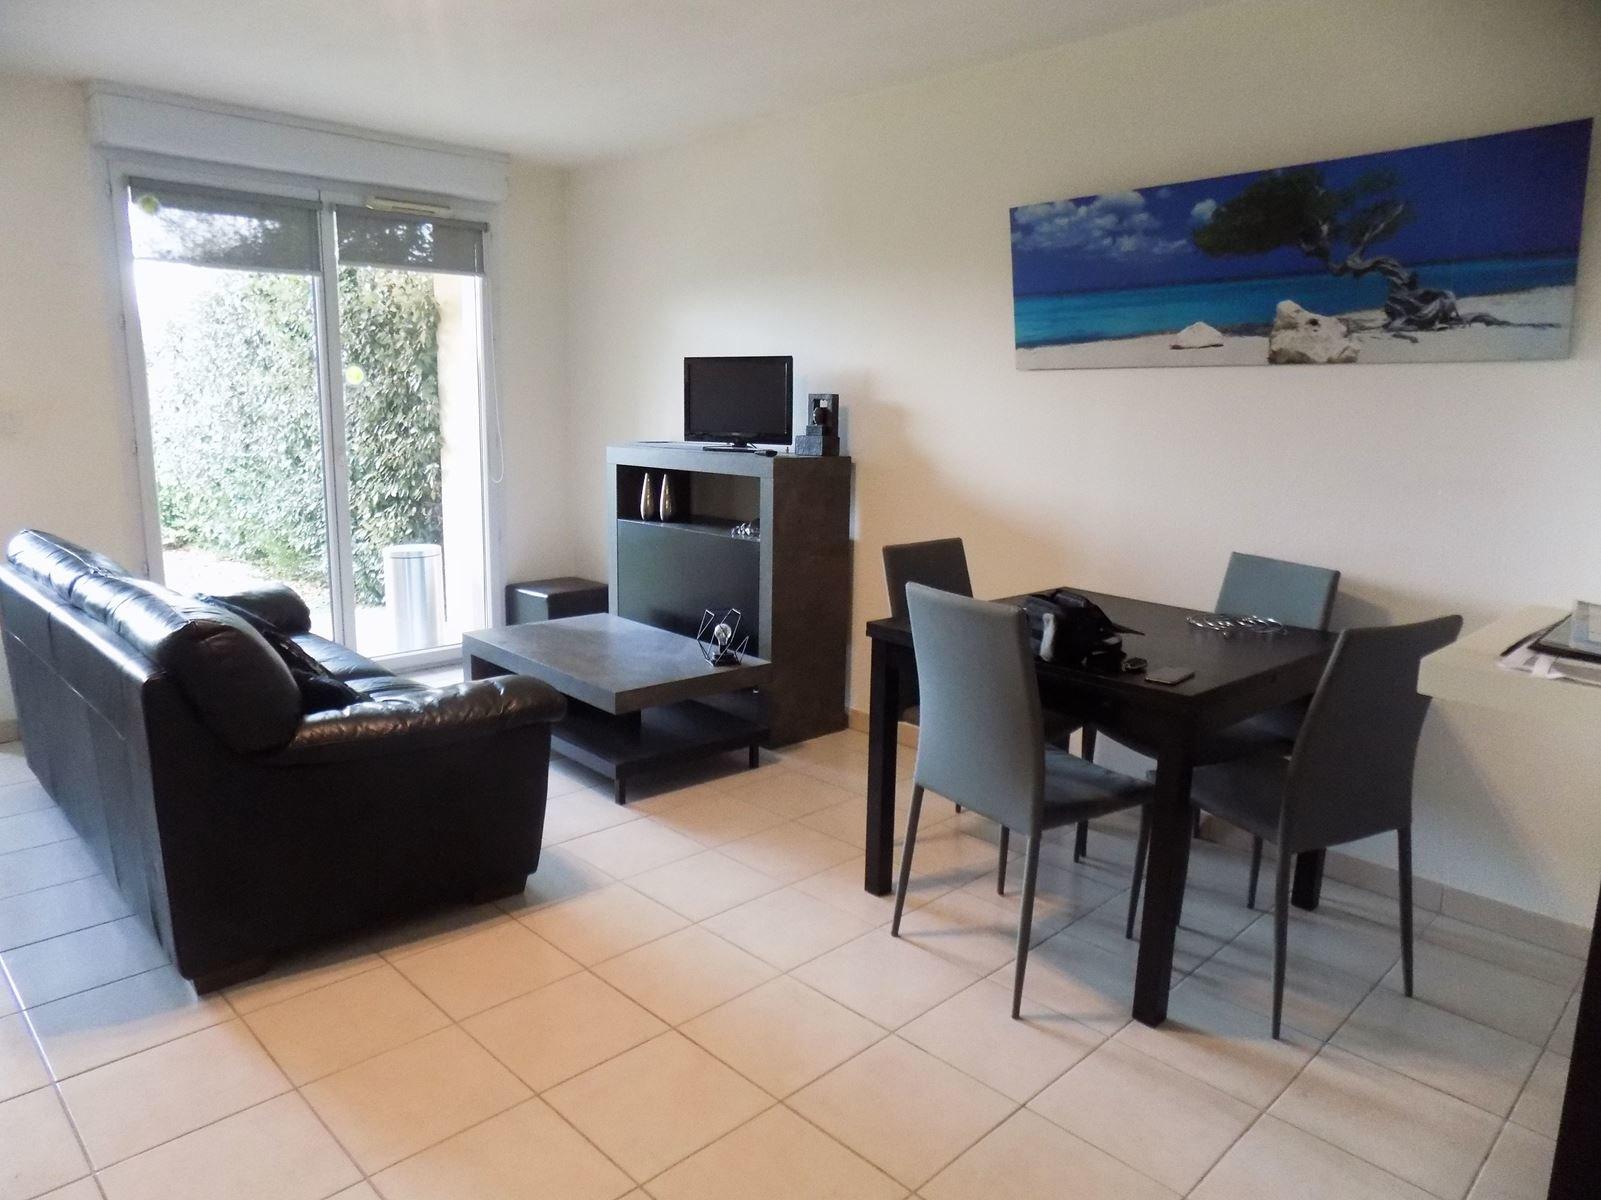 Appartement T2 - 31150 FENOUILLET